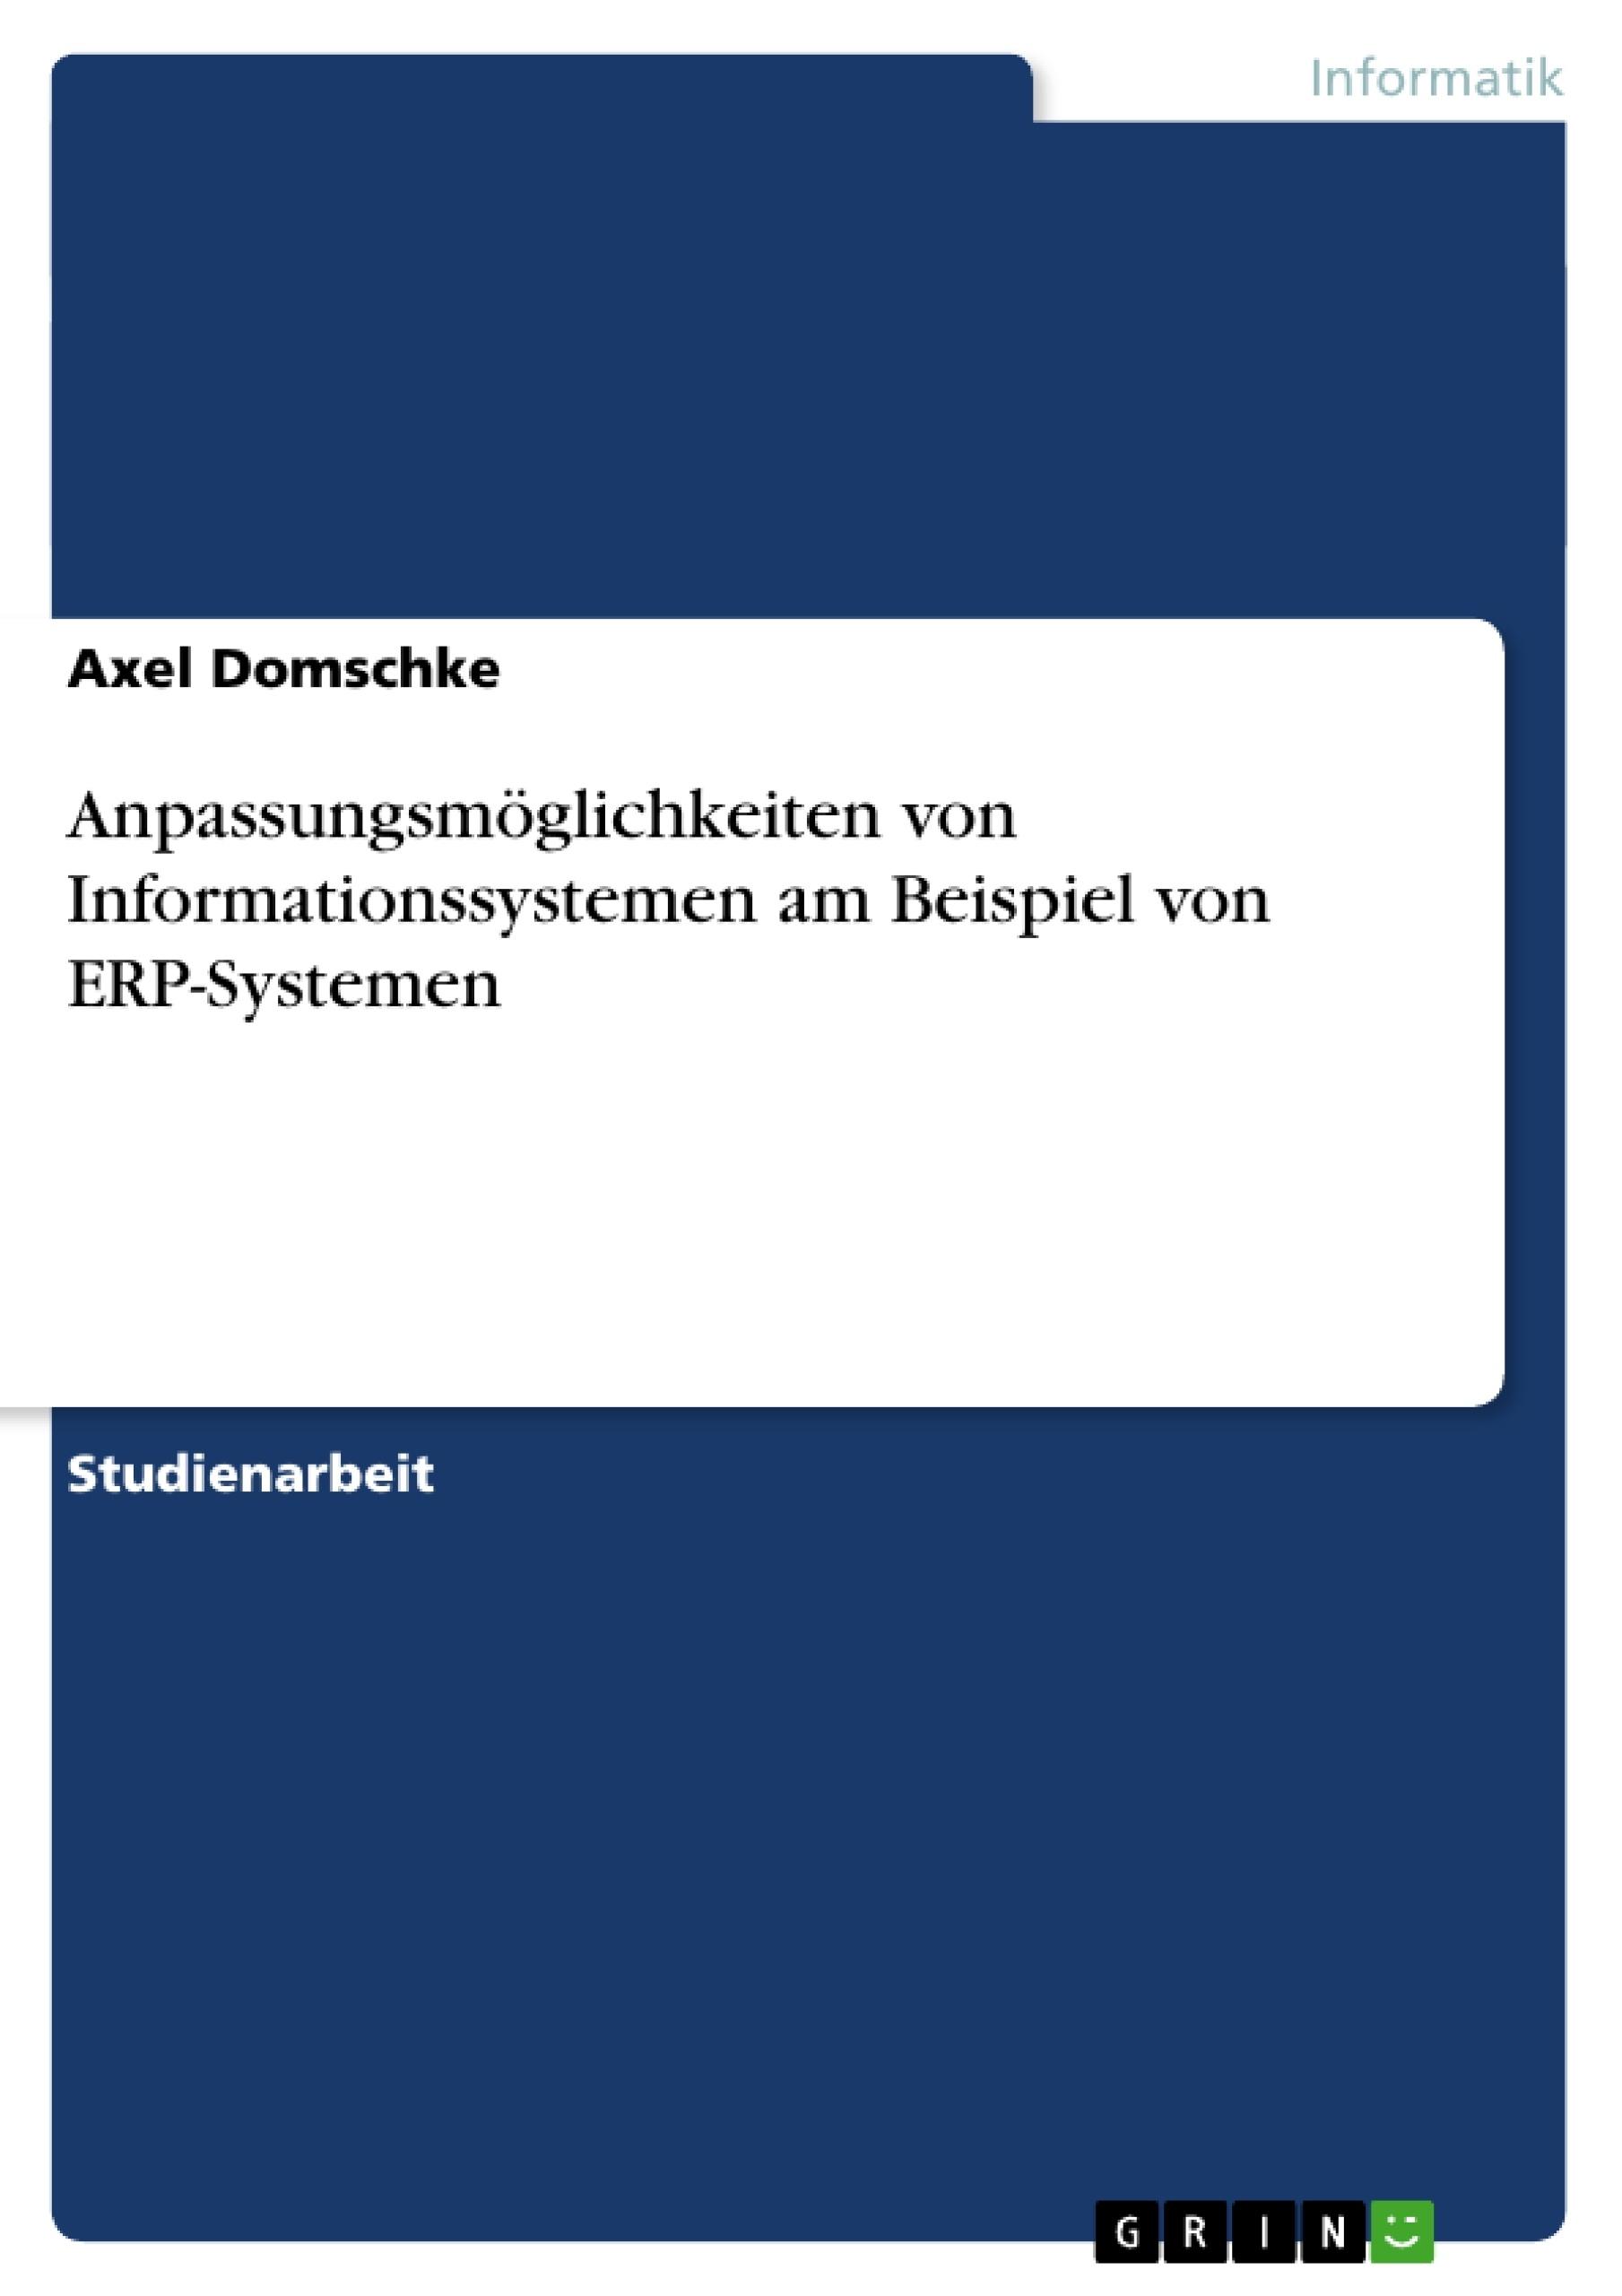 Titel: Anpassungsmöglichkeiten von Informationssystemen am Beispiel von ERP-Systemen